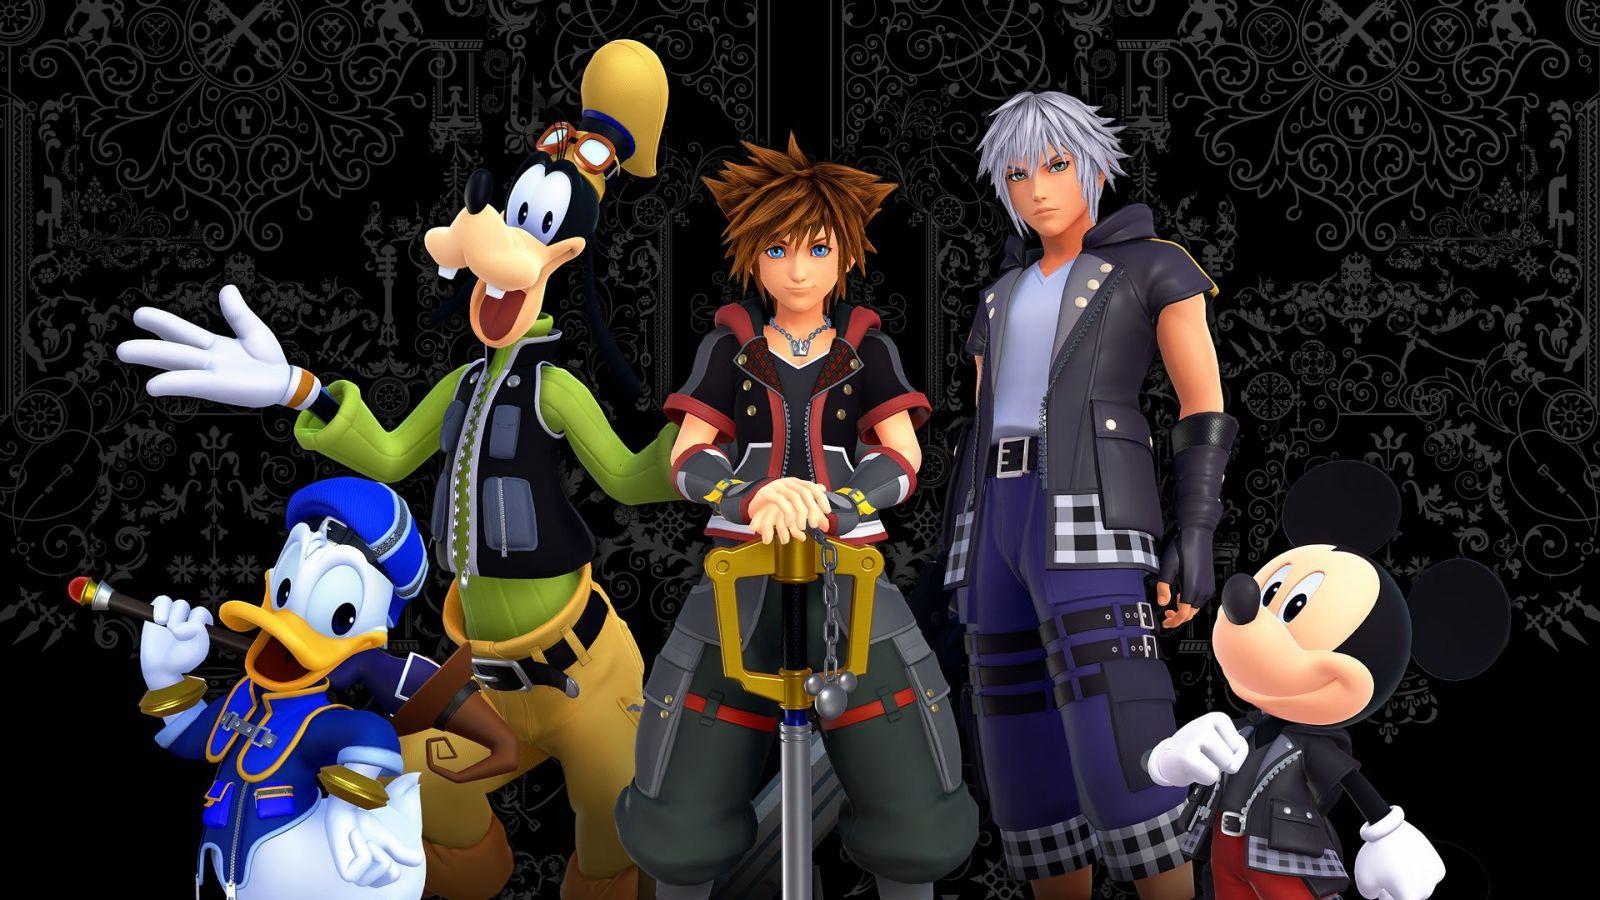 Tutti i franchise Disney coinvolti in Kingdom Hearts III